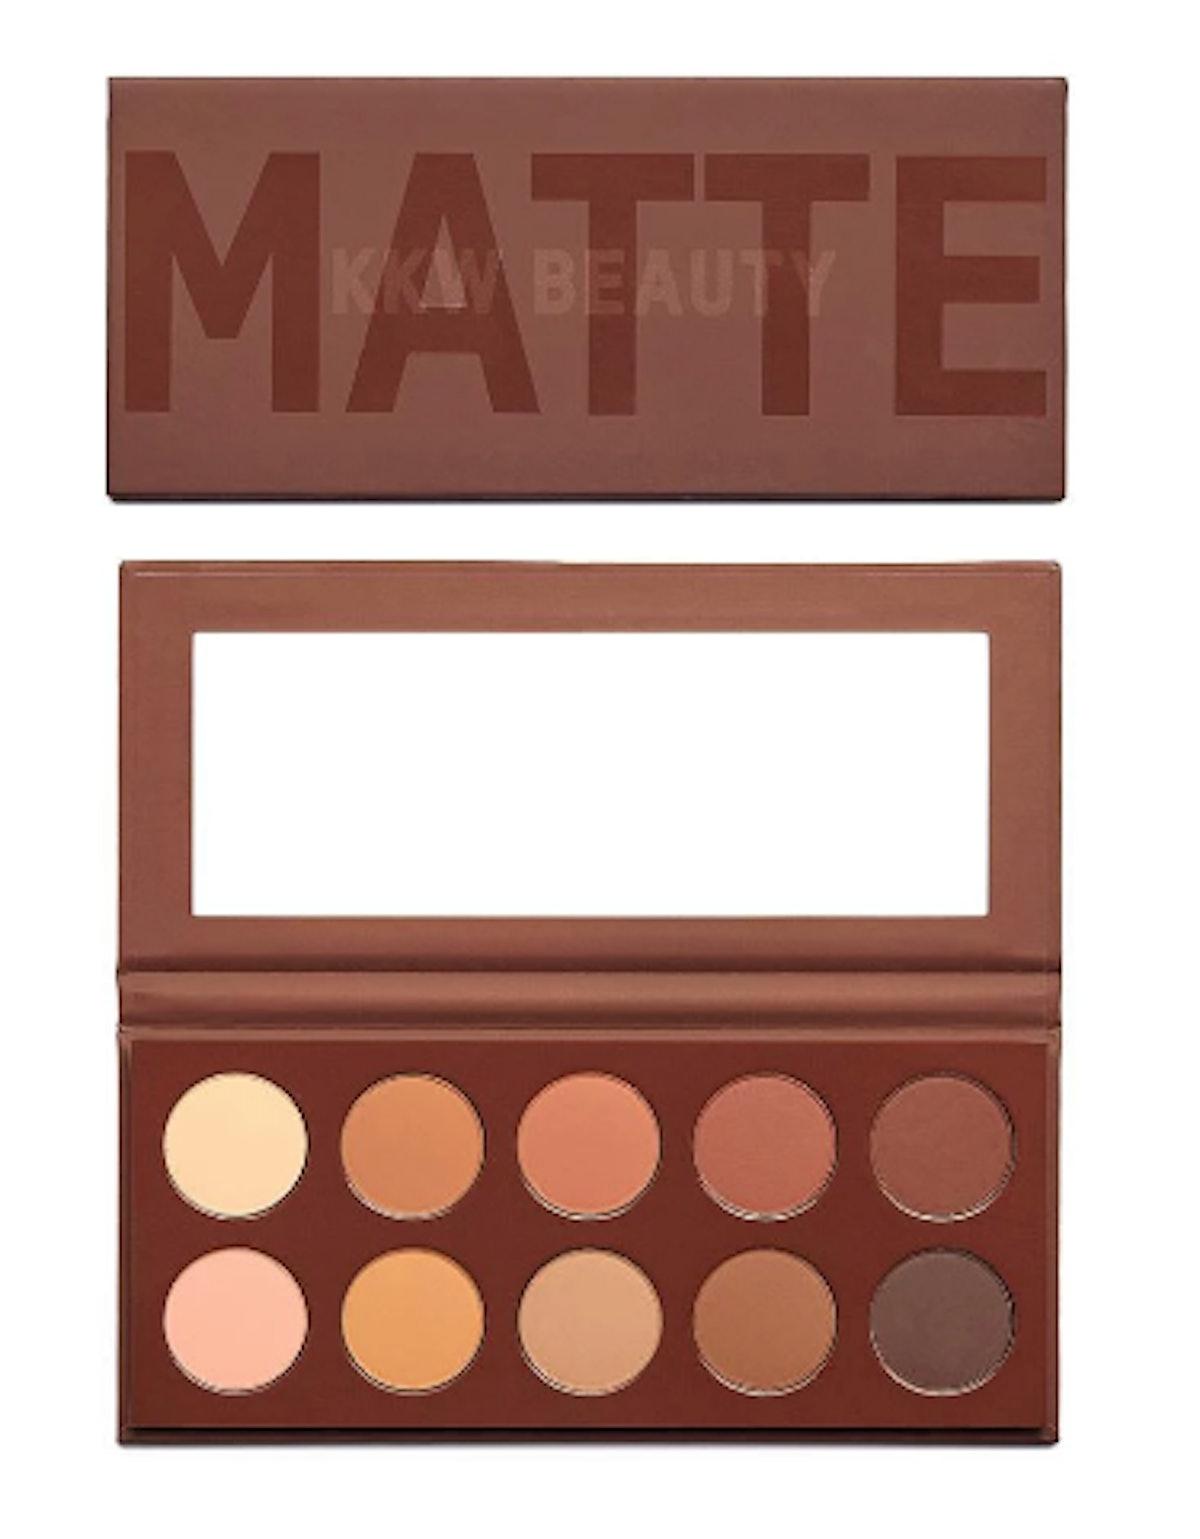 KKW Beauty MATTE COCOA Eyeshadow PALETTE